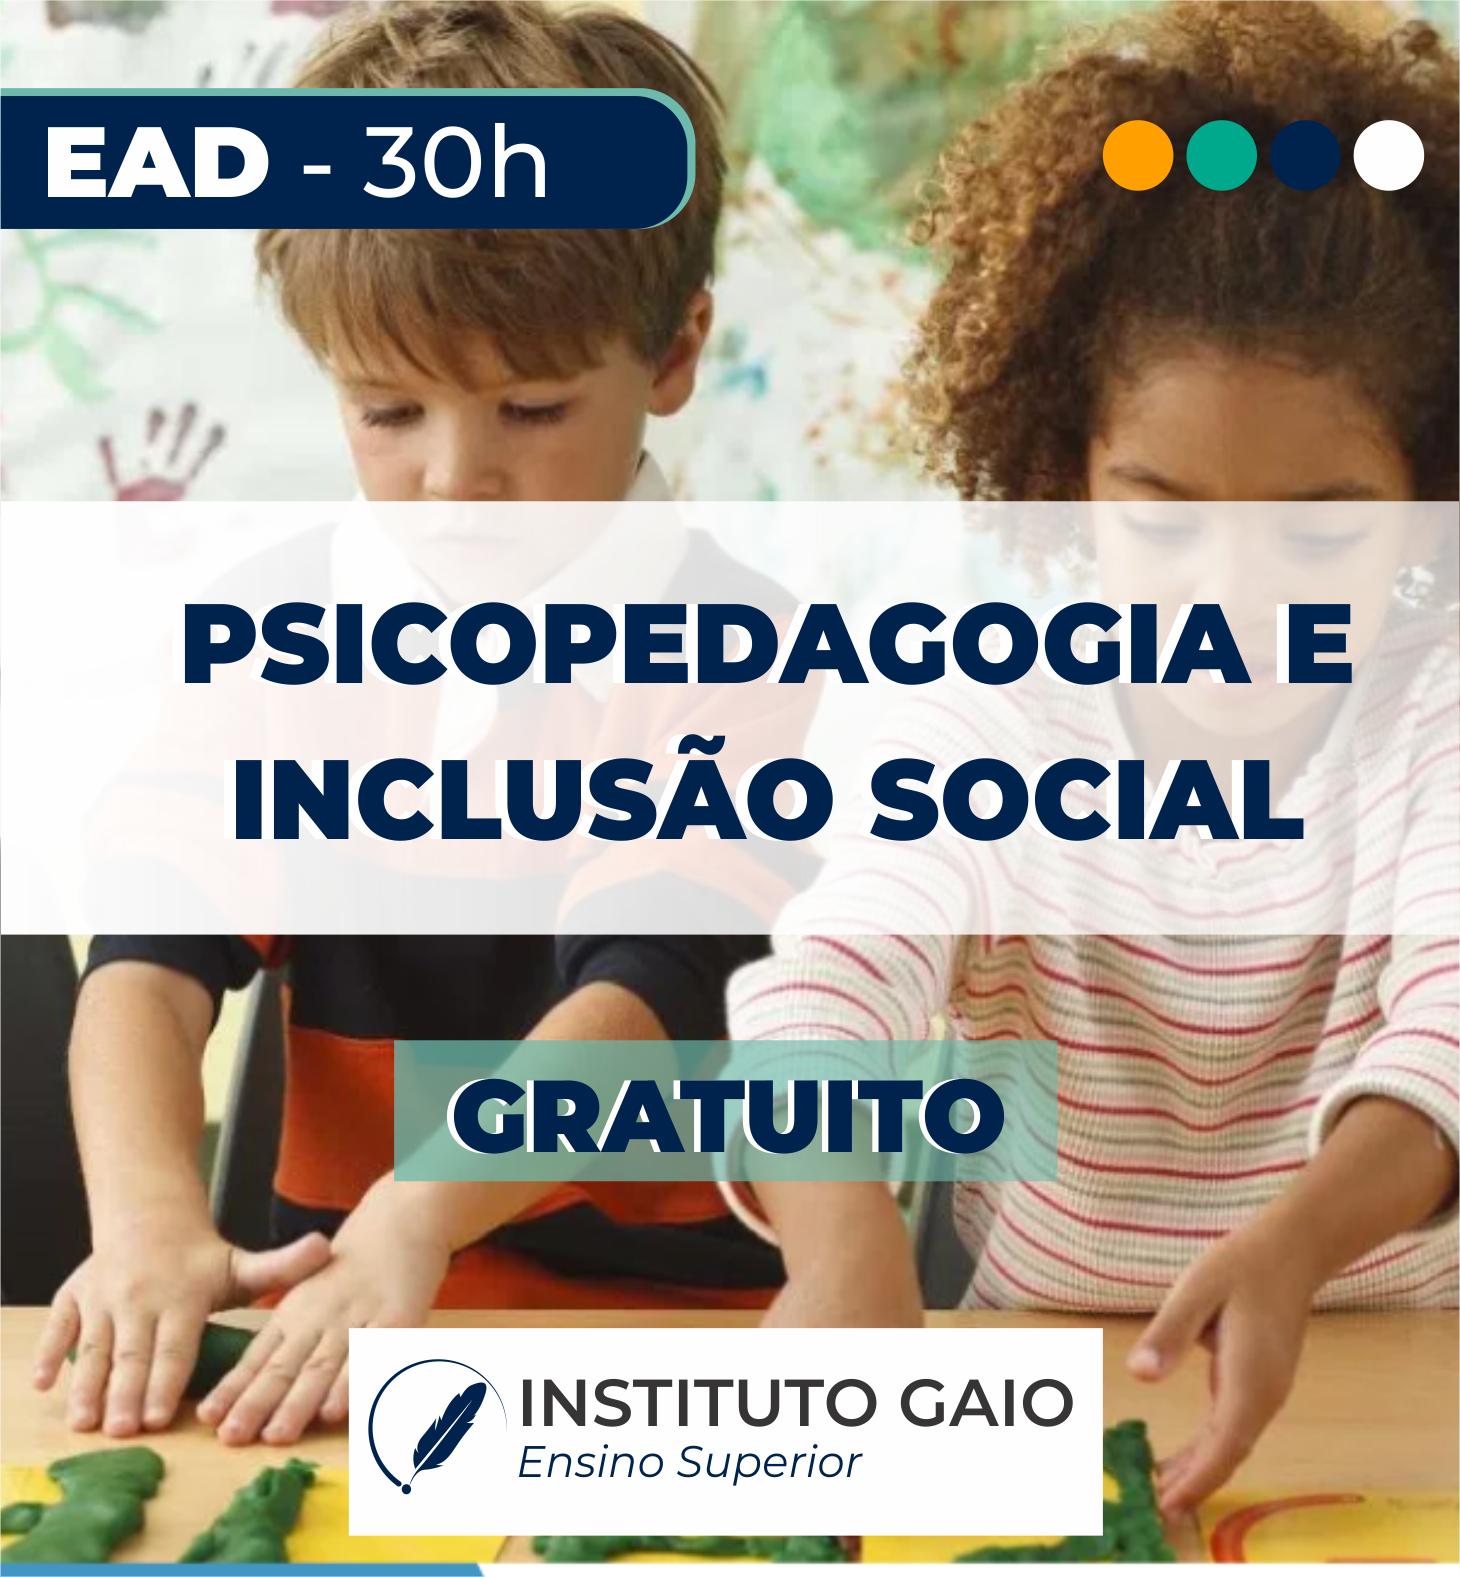 INTRODUÇÃO A PSICOPEDAGOGIA E INCLUSÃO SOCIAL – 30h – EAD – GRATUITO